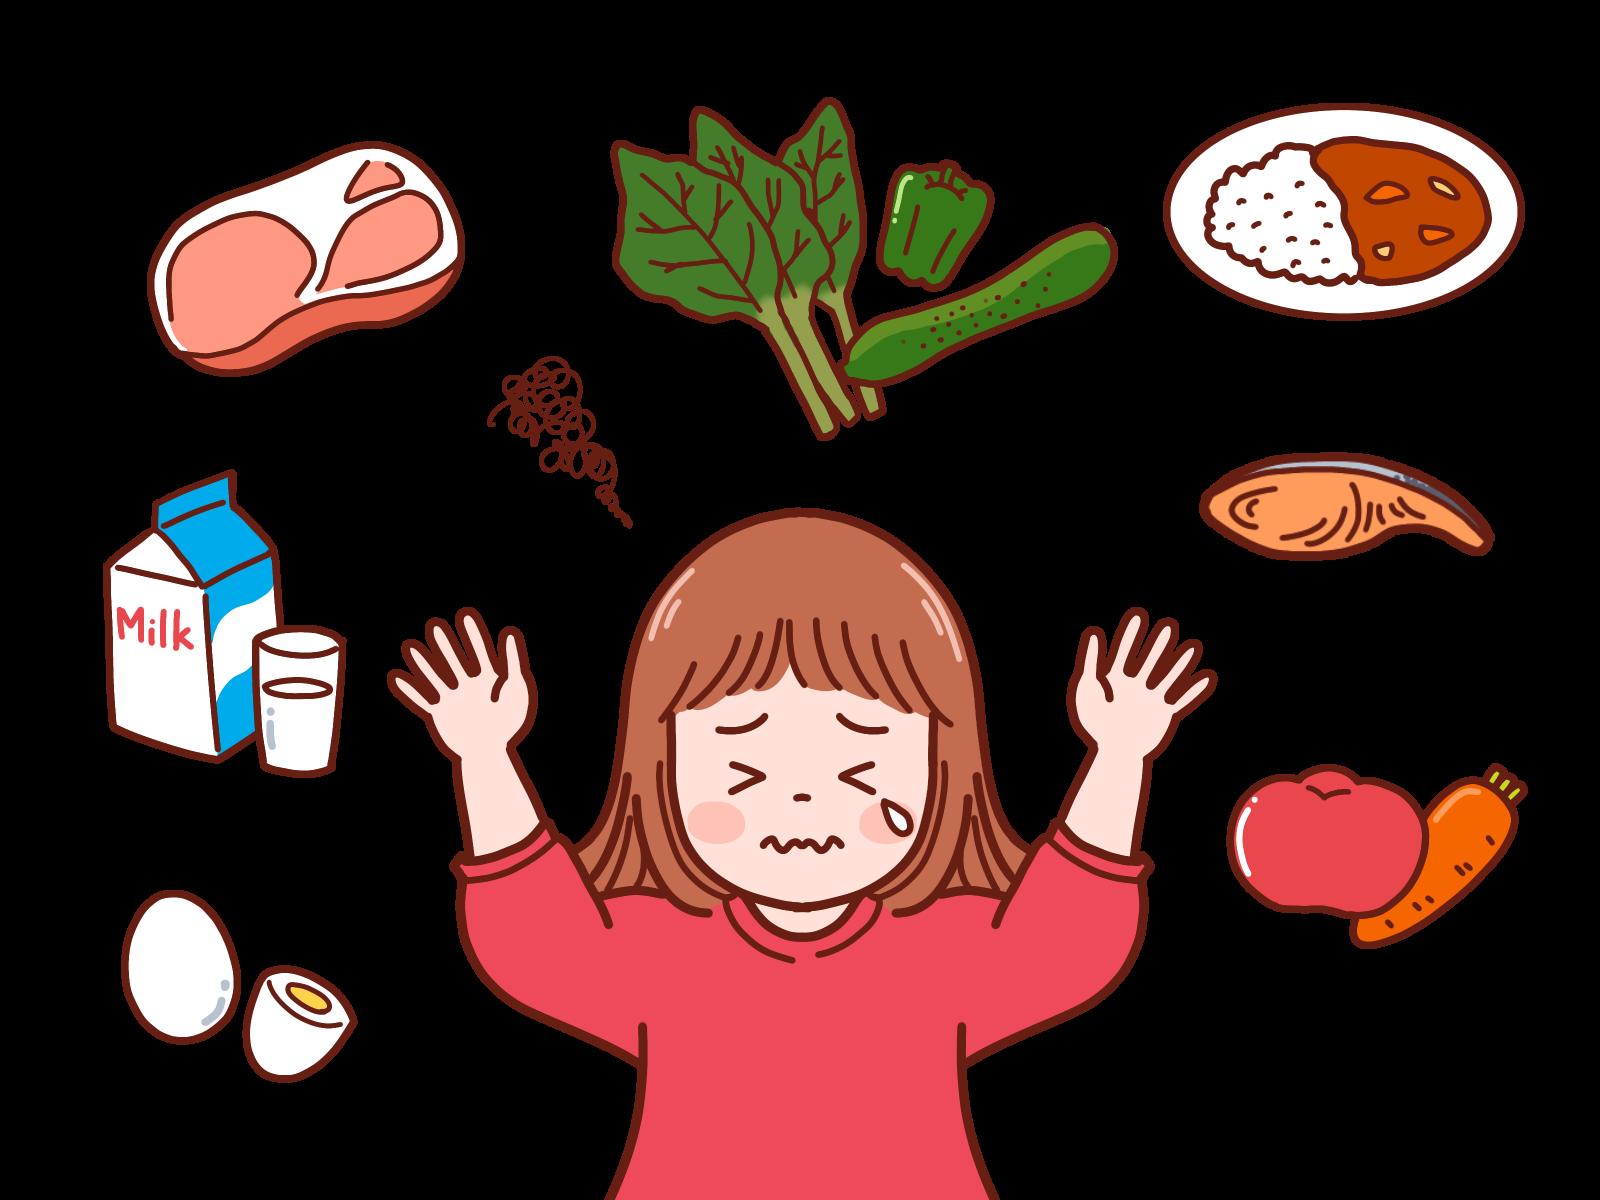 日本の年少児におけるアレルギー疾患の有症率はどれくらいか?